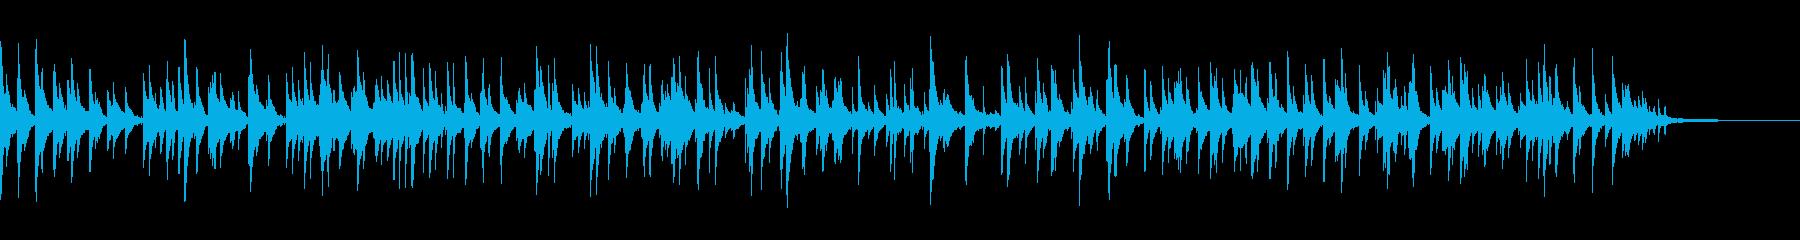 ビーチのサンセット!メランコリーな音楽の再生済みの波形